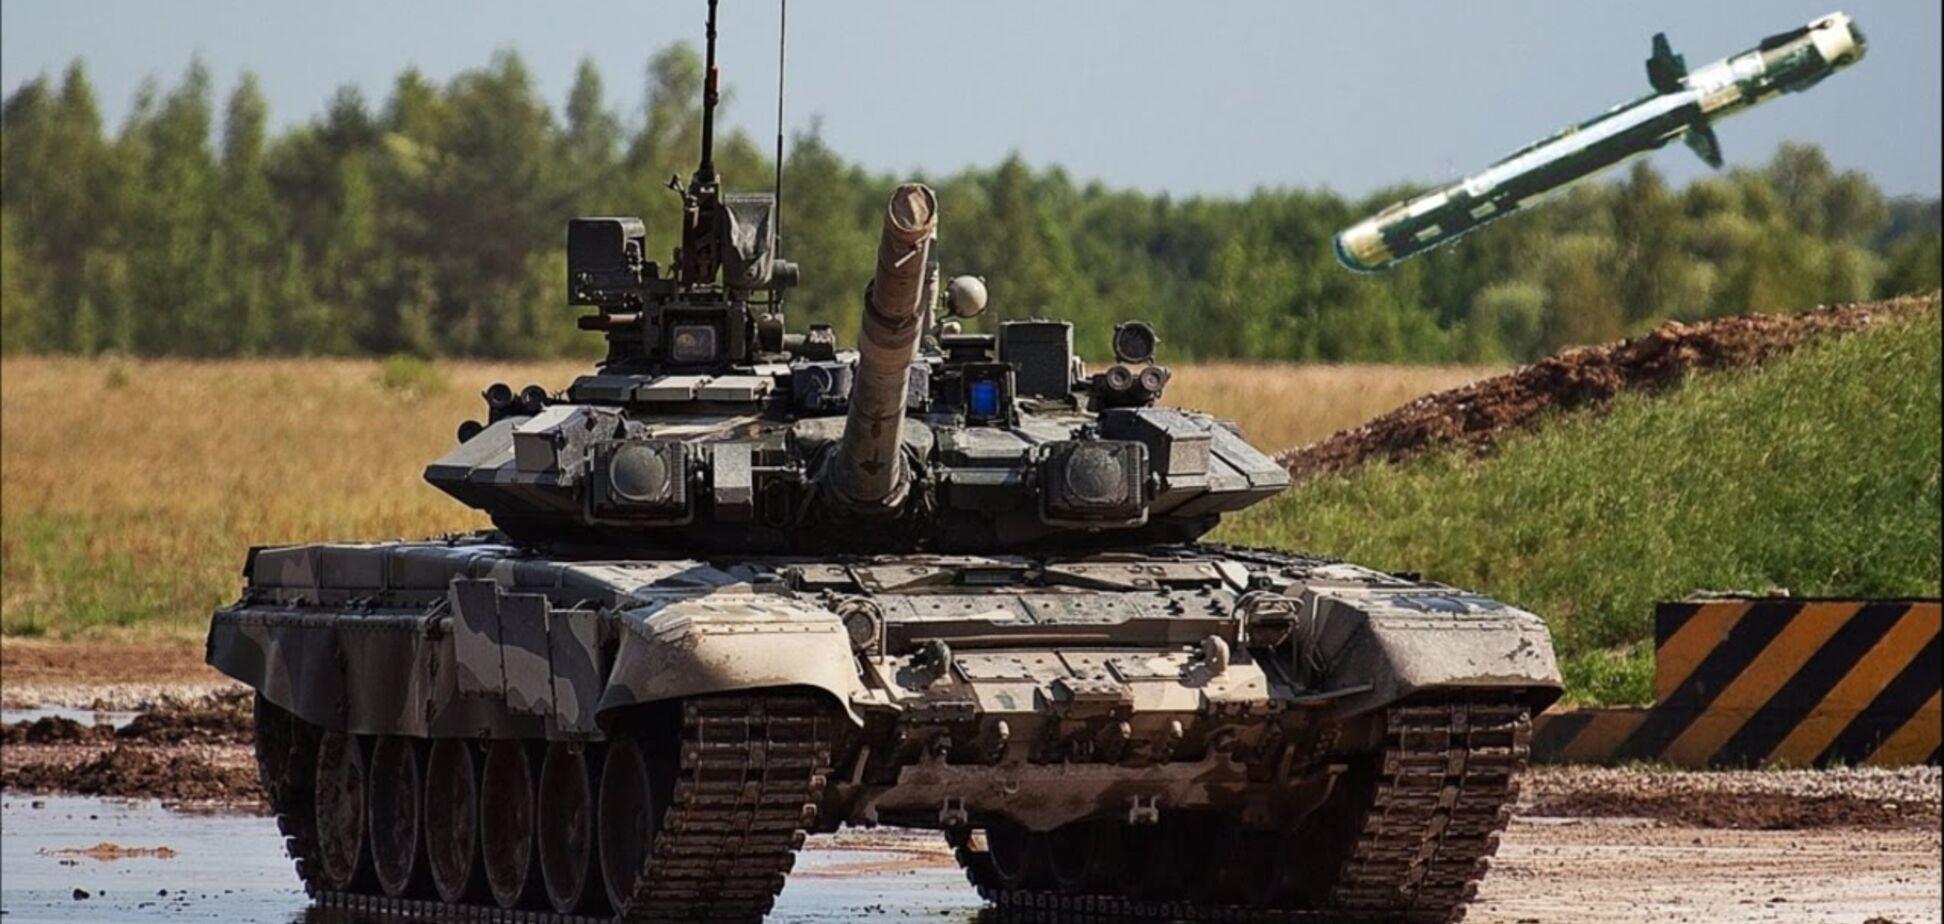 Javelin для ВСУ: Рудяков сообщил об удручающем моменте